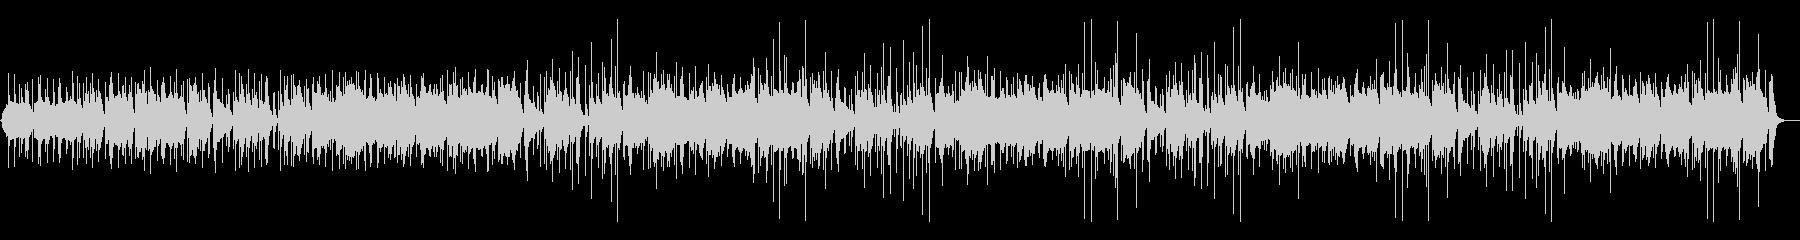 昔話風の素朴な尺八と太鼓の和風BGMの未再生の波形